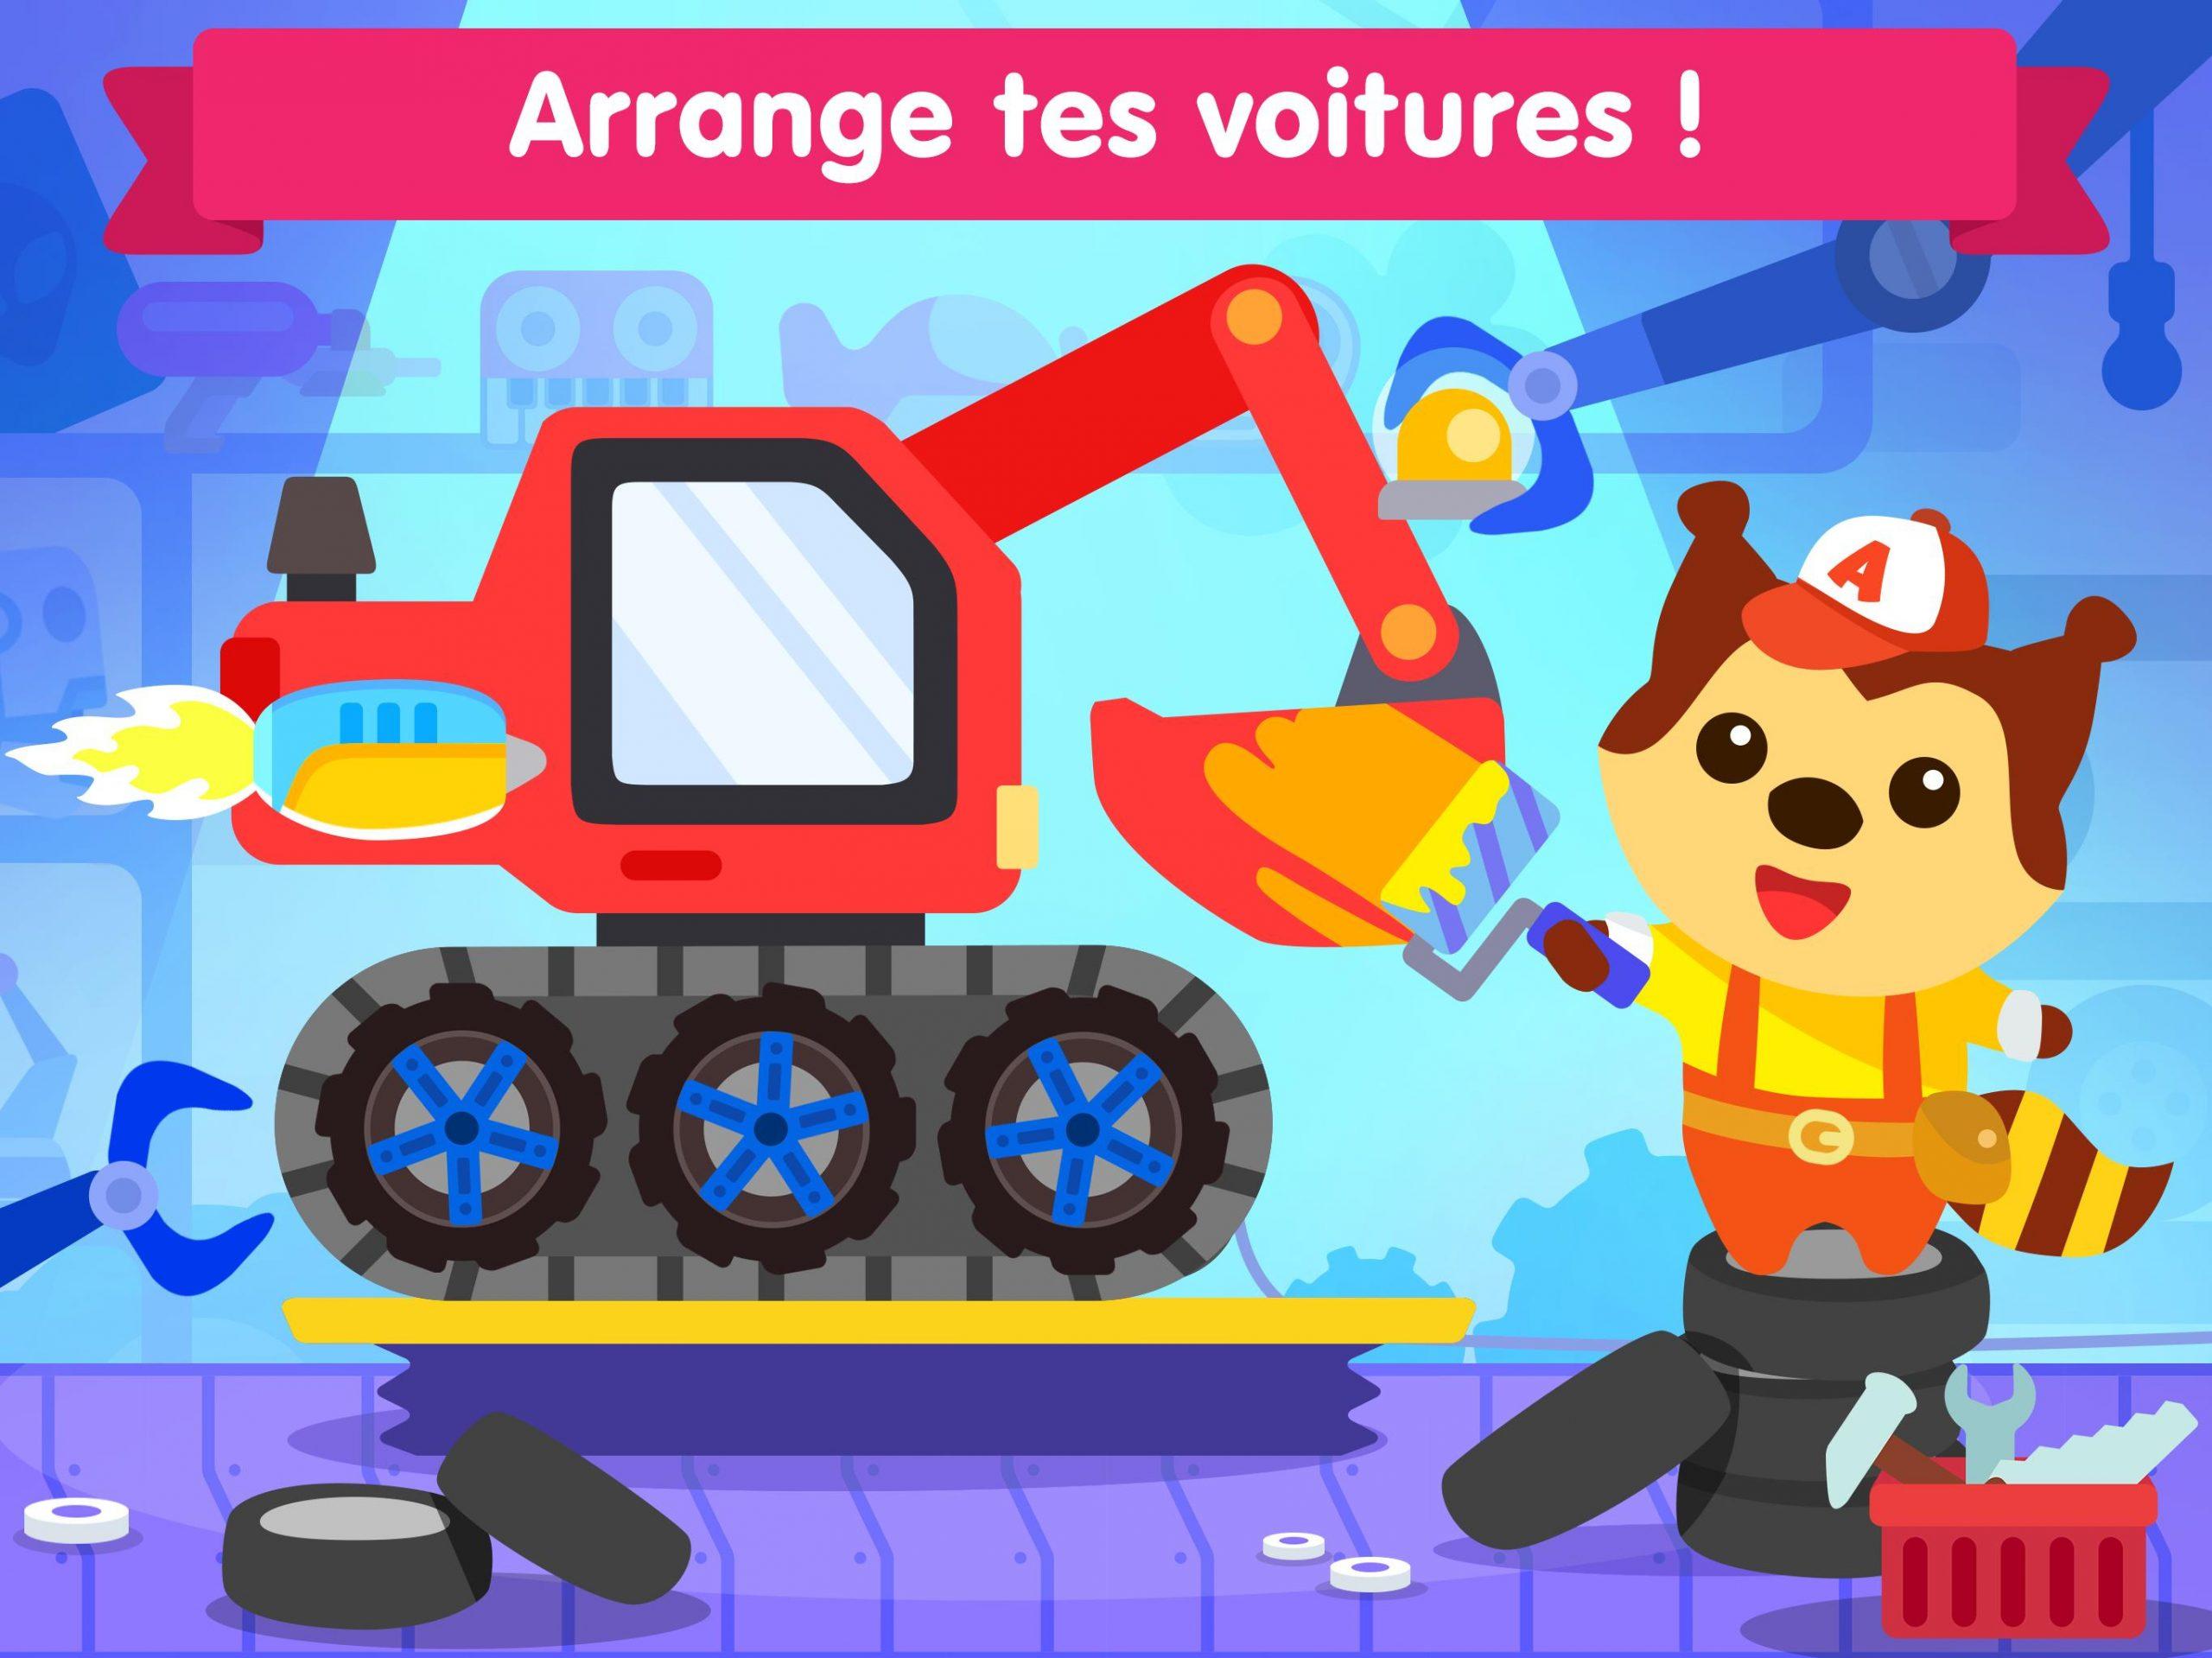 Jeu De Voiture Pour Les Bébés Et Enfants 3 Ans Pour Android encequiconcerne Jeux Gratuit Enfant 3 Ans